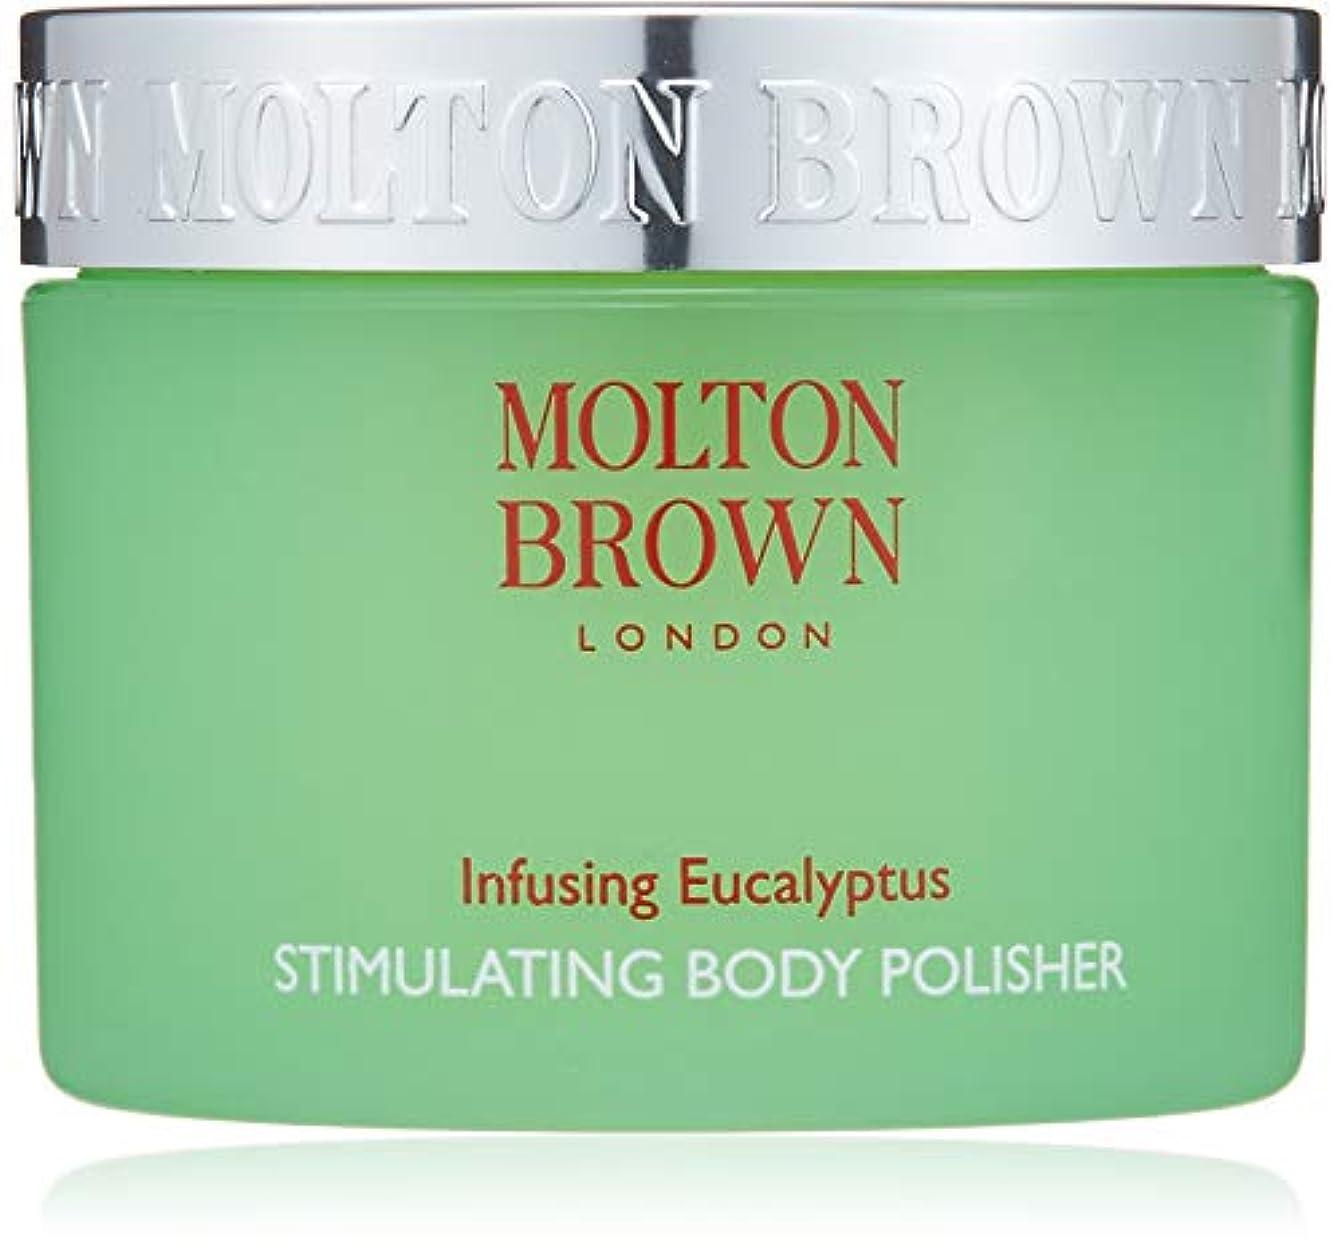 水を飲む球状スラックMOLTON BROWN(モルトンブラウン) インフュージング ユーカリプタス スティミュレイティング ボディポリッシャー